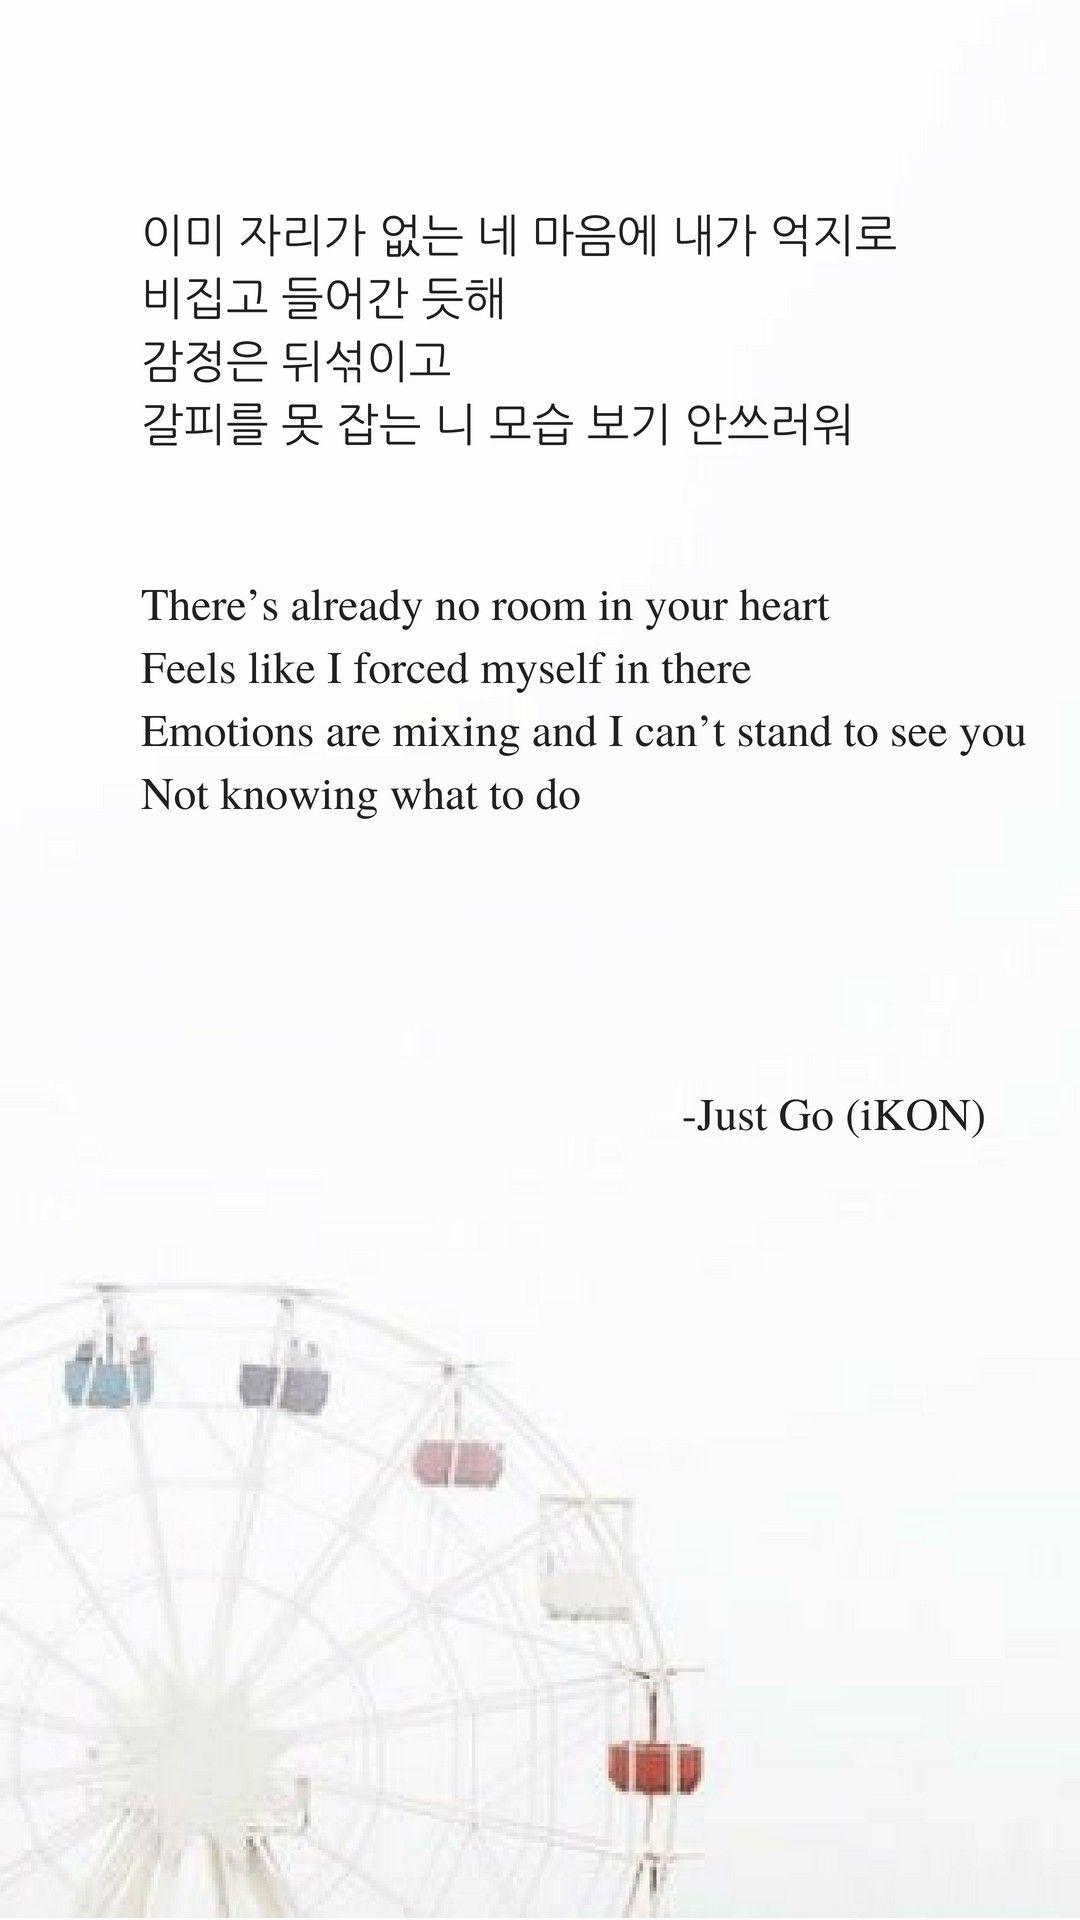 Just Go by iKON | Inspiration di 2019 | Kutipan lirik, Lirik, dan